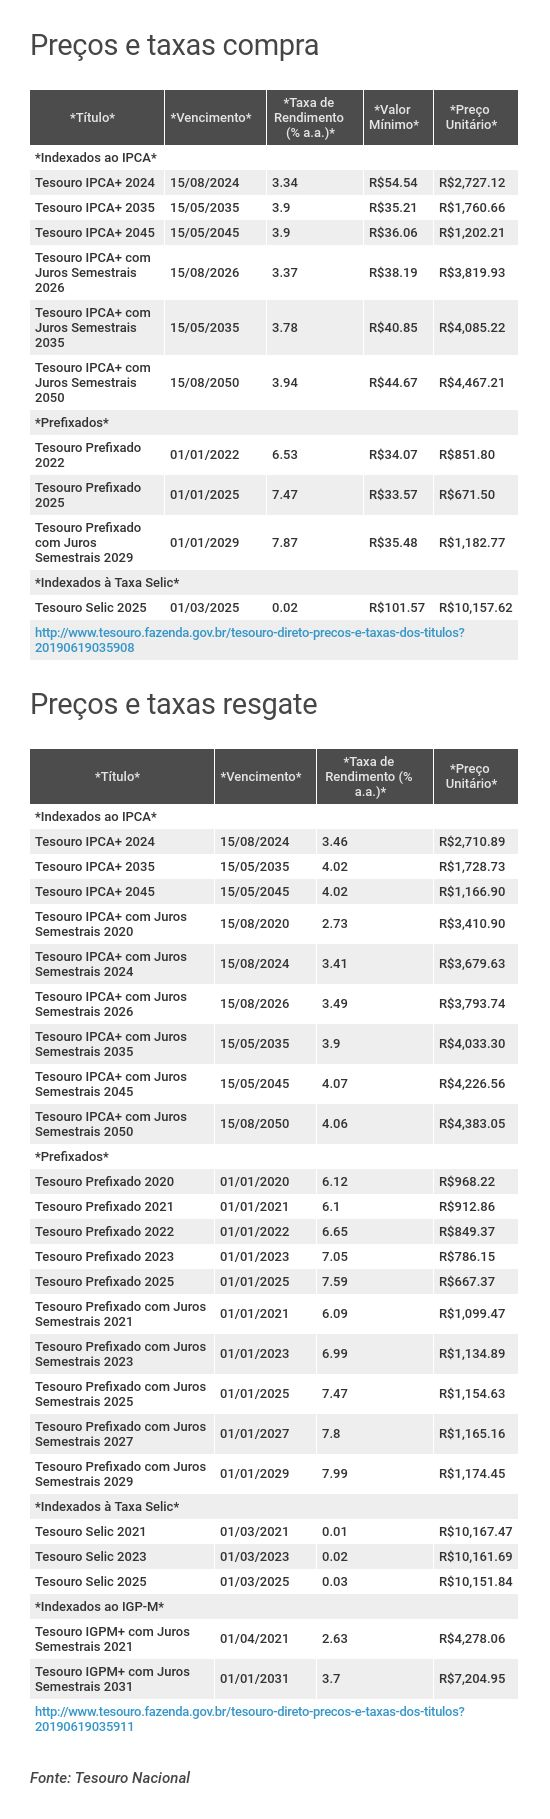 Preços e taxas do Tesouro Direto em 18 de junho de 2019 - fechamento